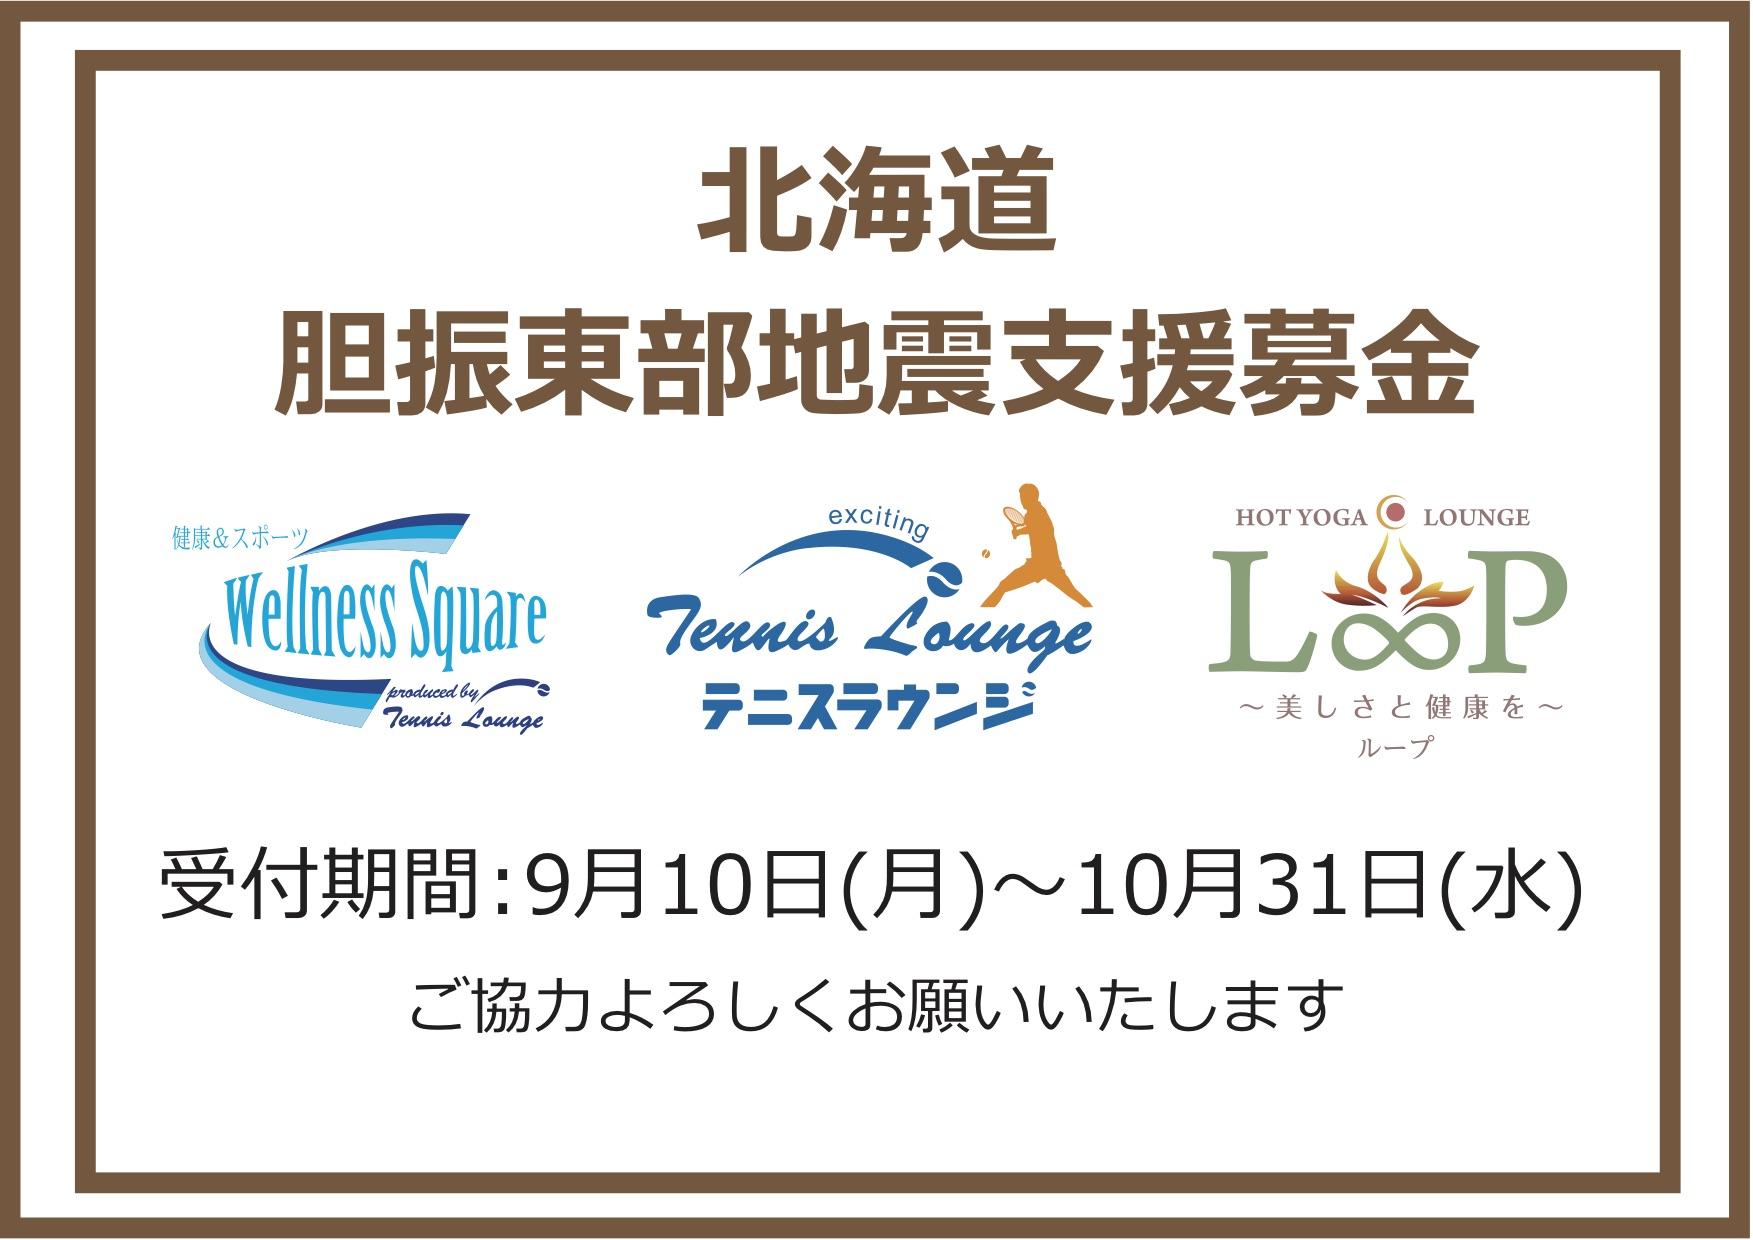 「北海道胆振東部地震」支援募金実施のご案内